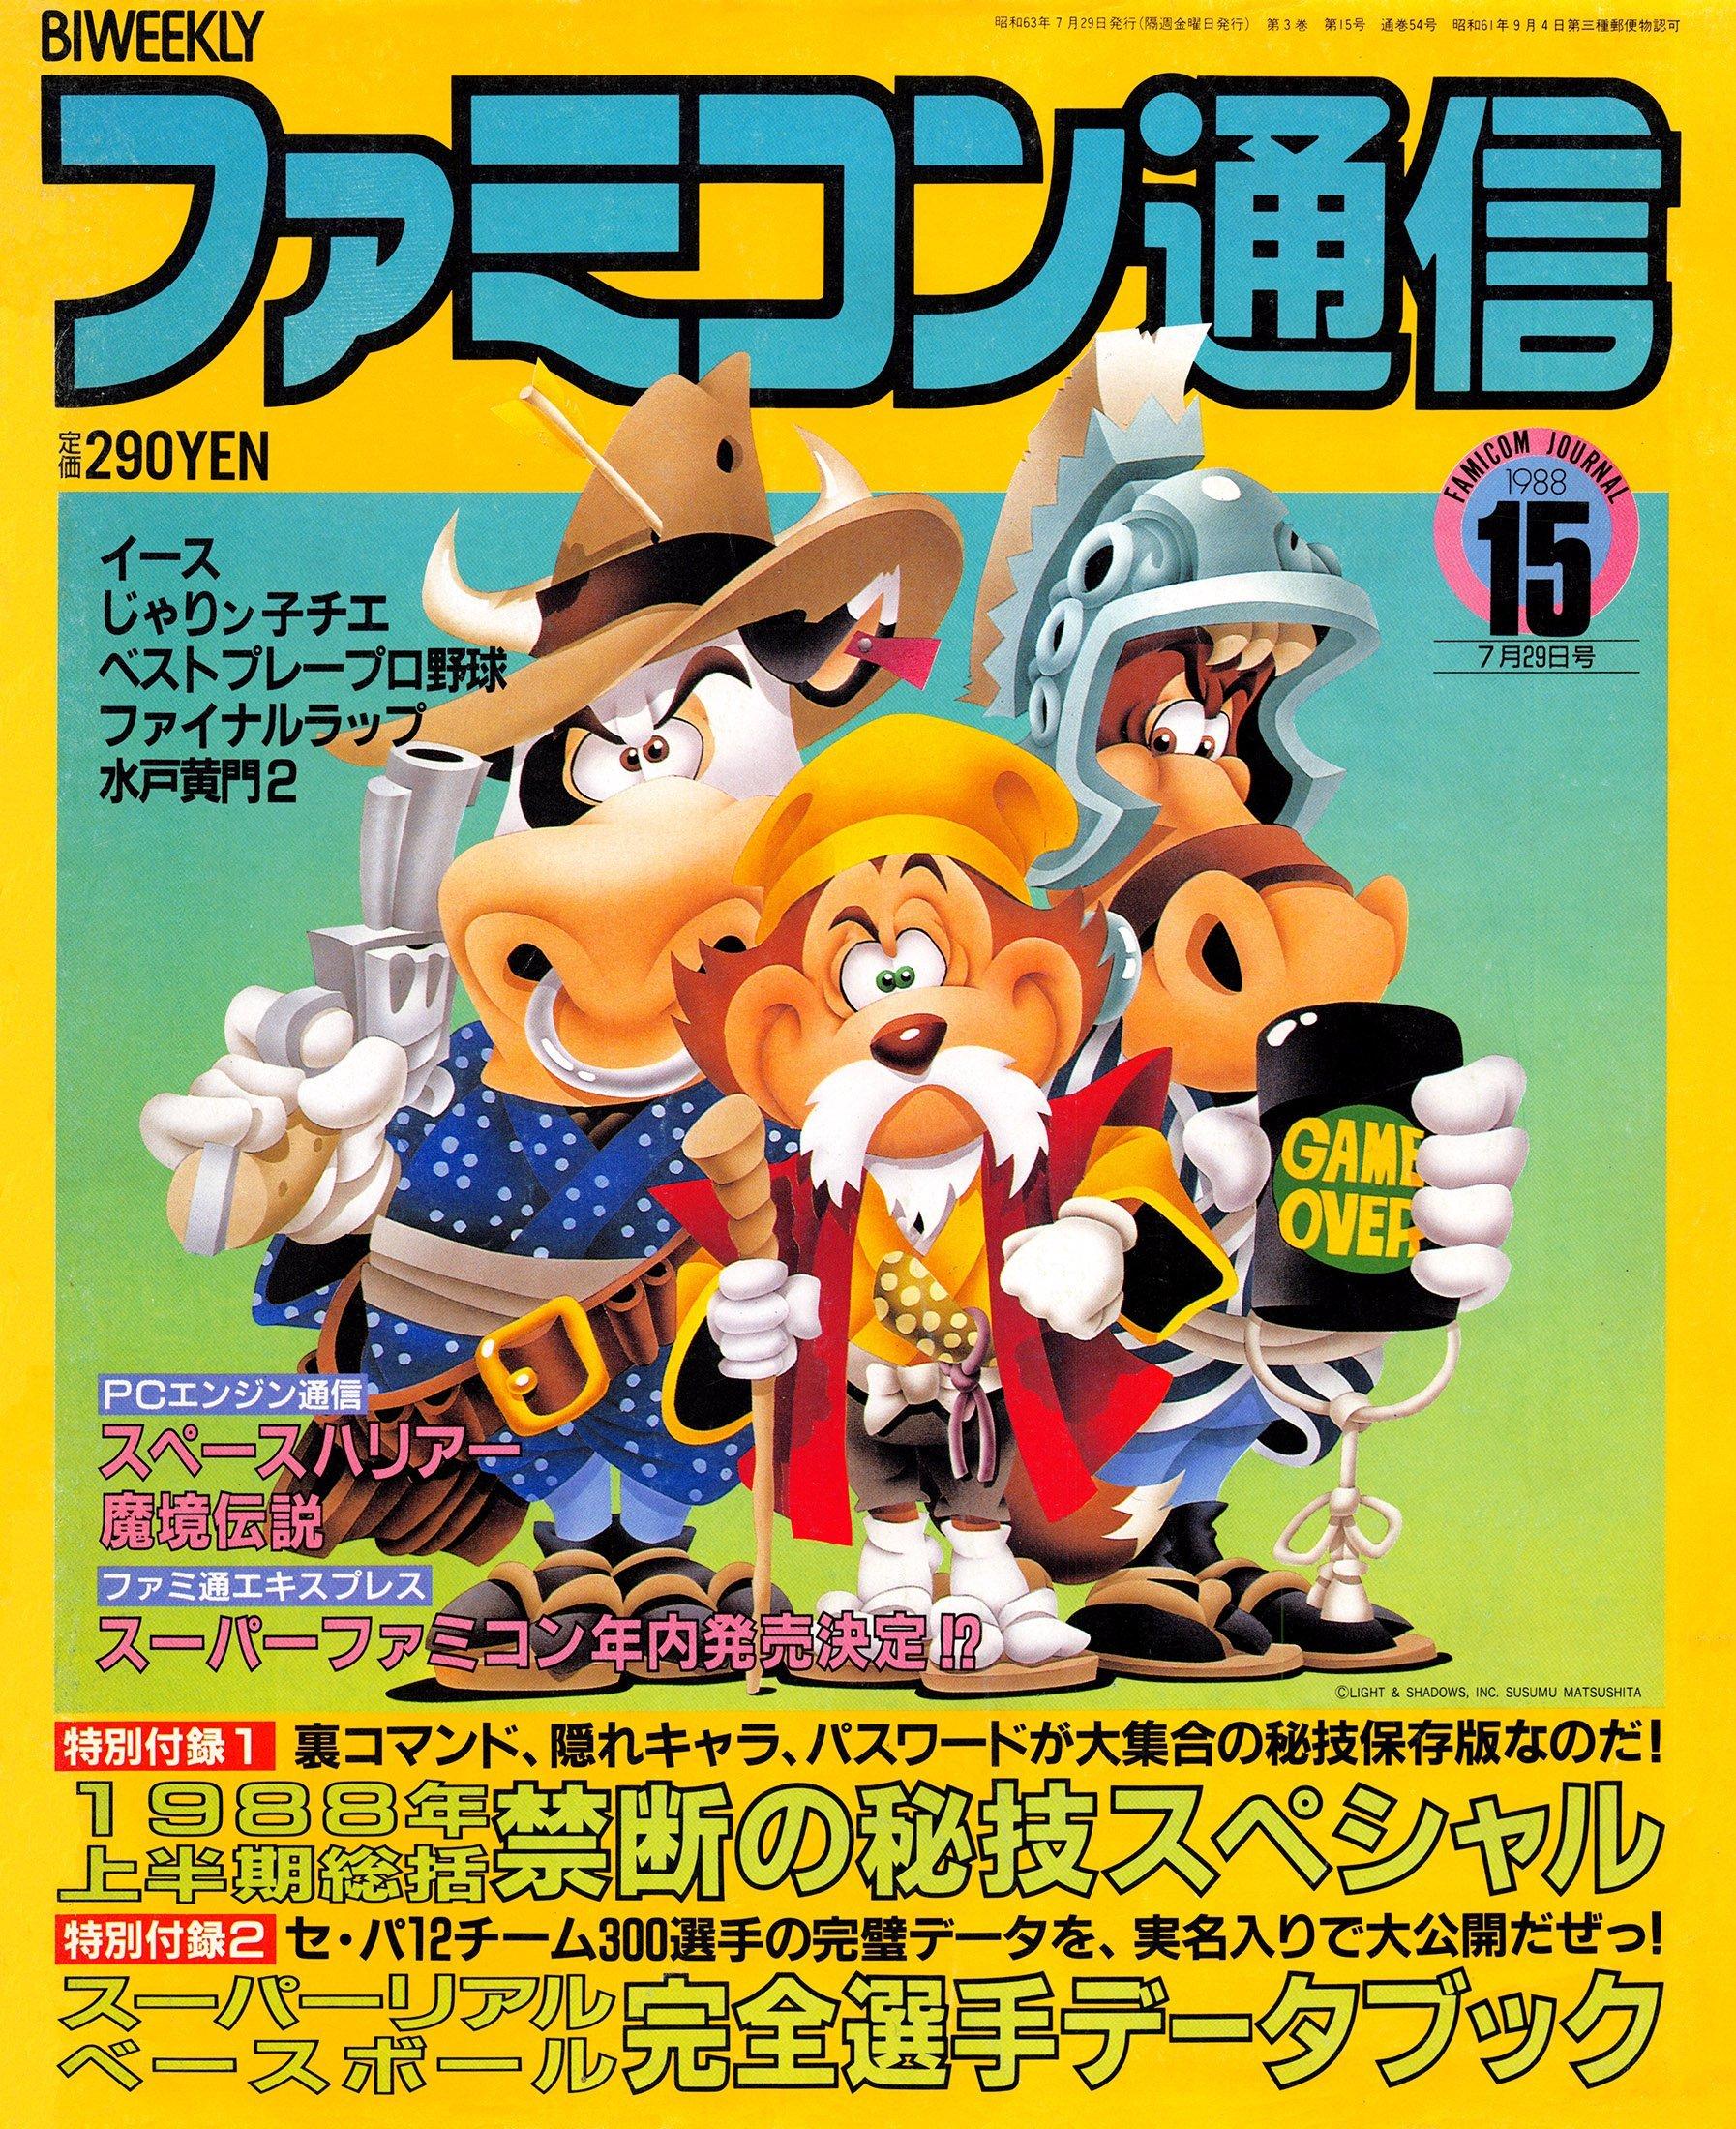 Famitsu 0054 (July 29, 1988)